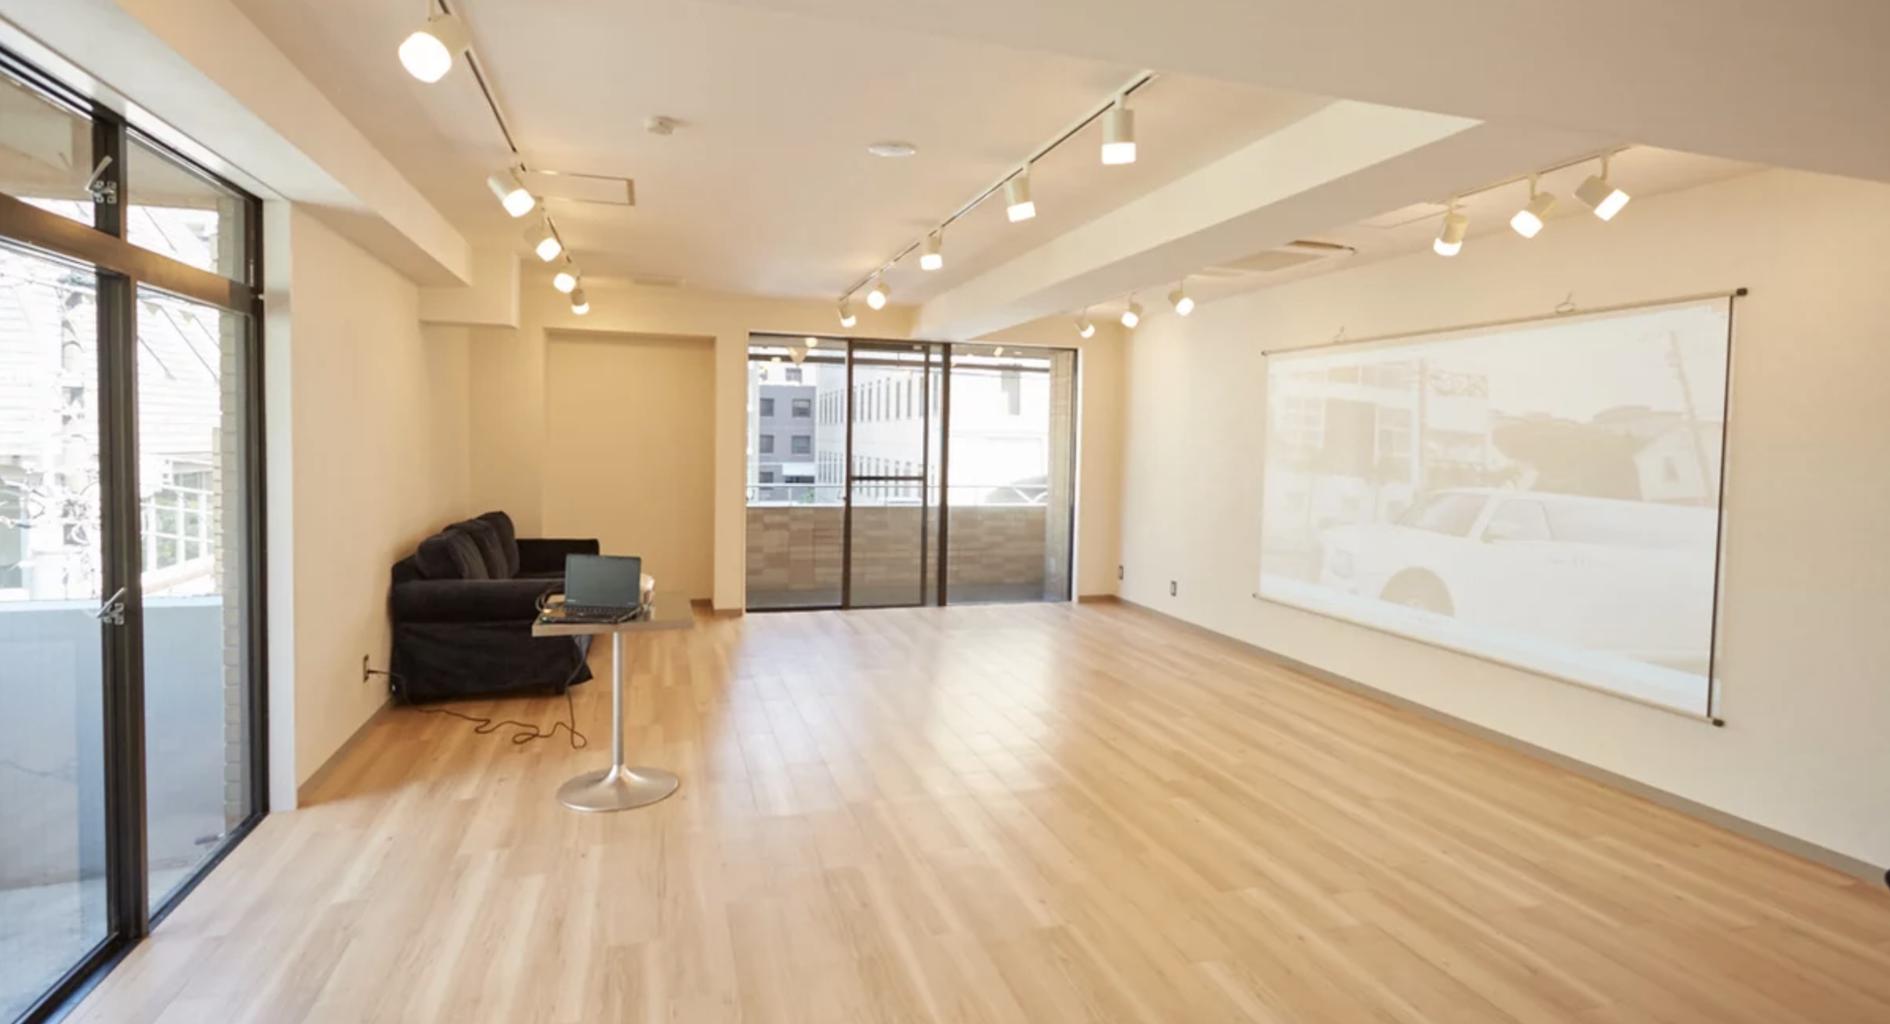 【新潟県で貸切】プロジェクター完備の貸切パーティースペース・個室